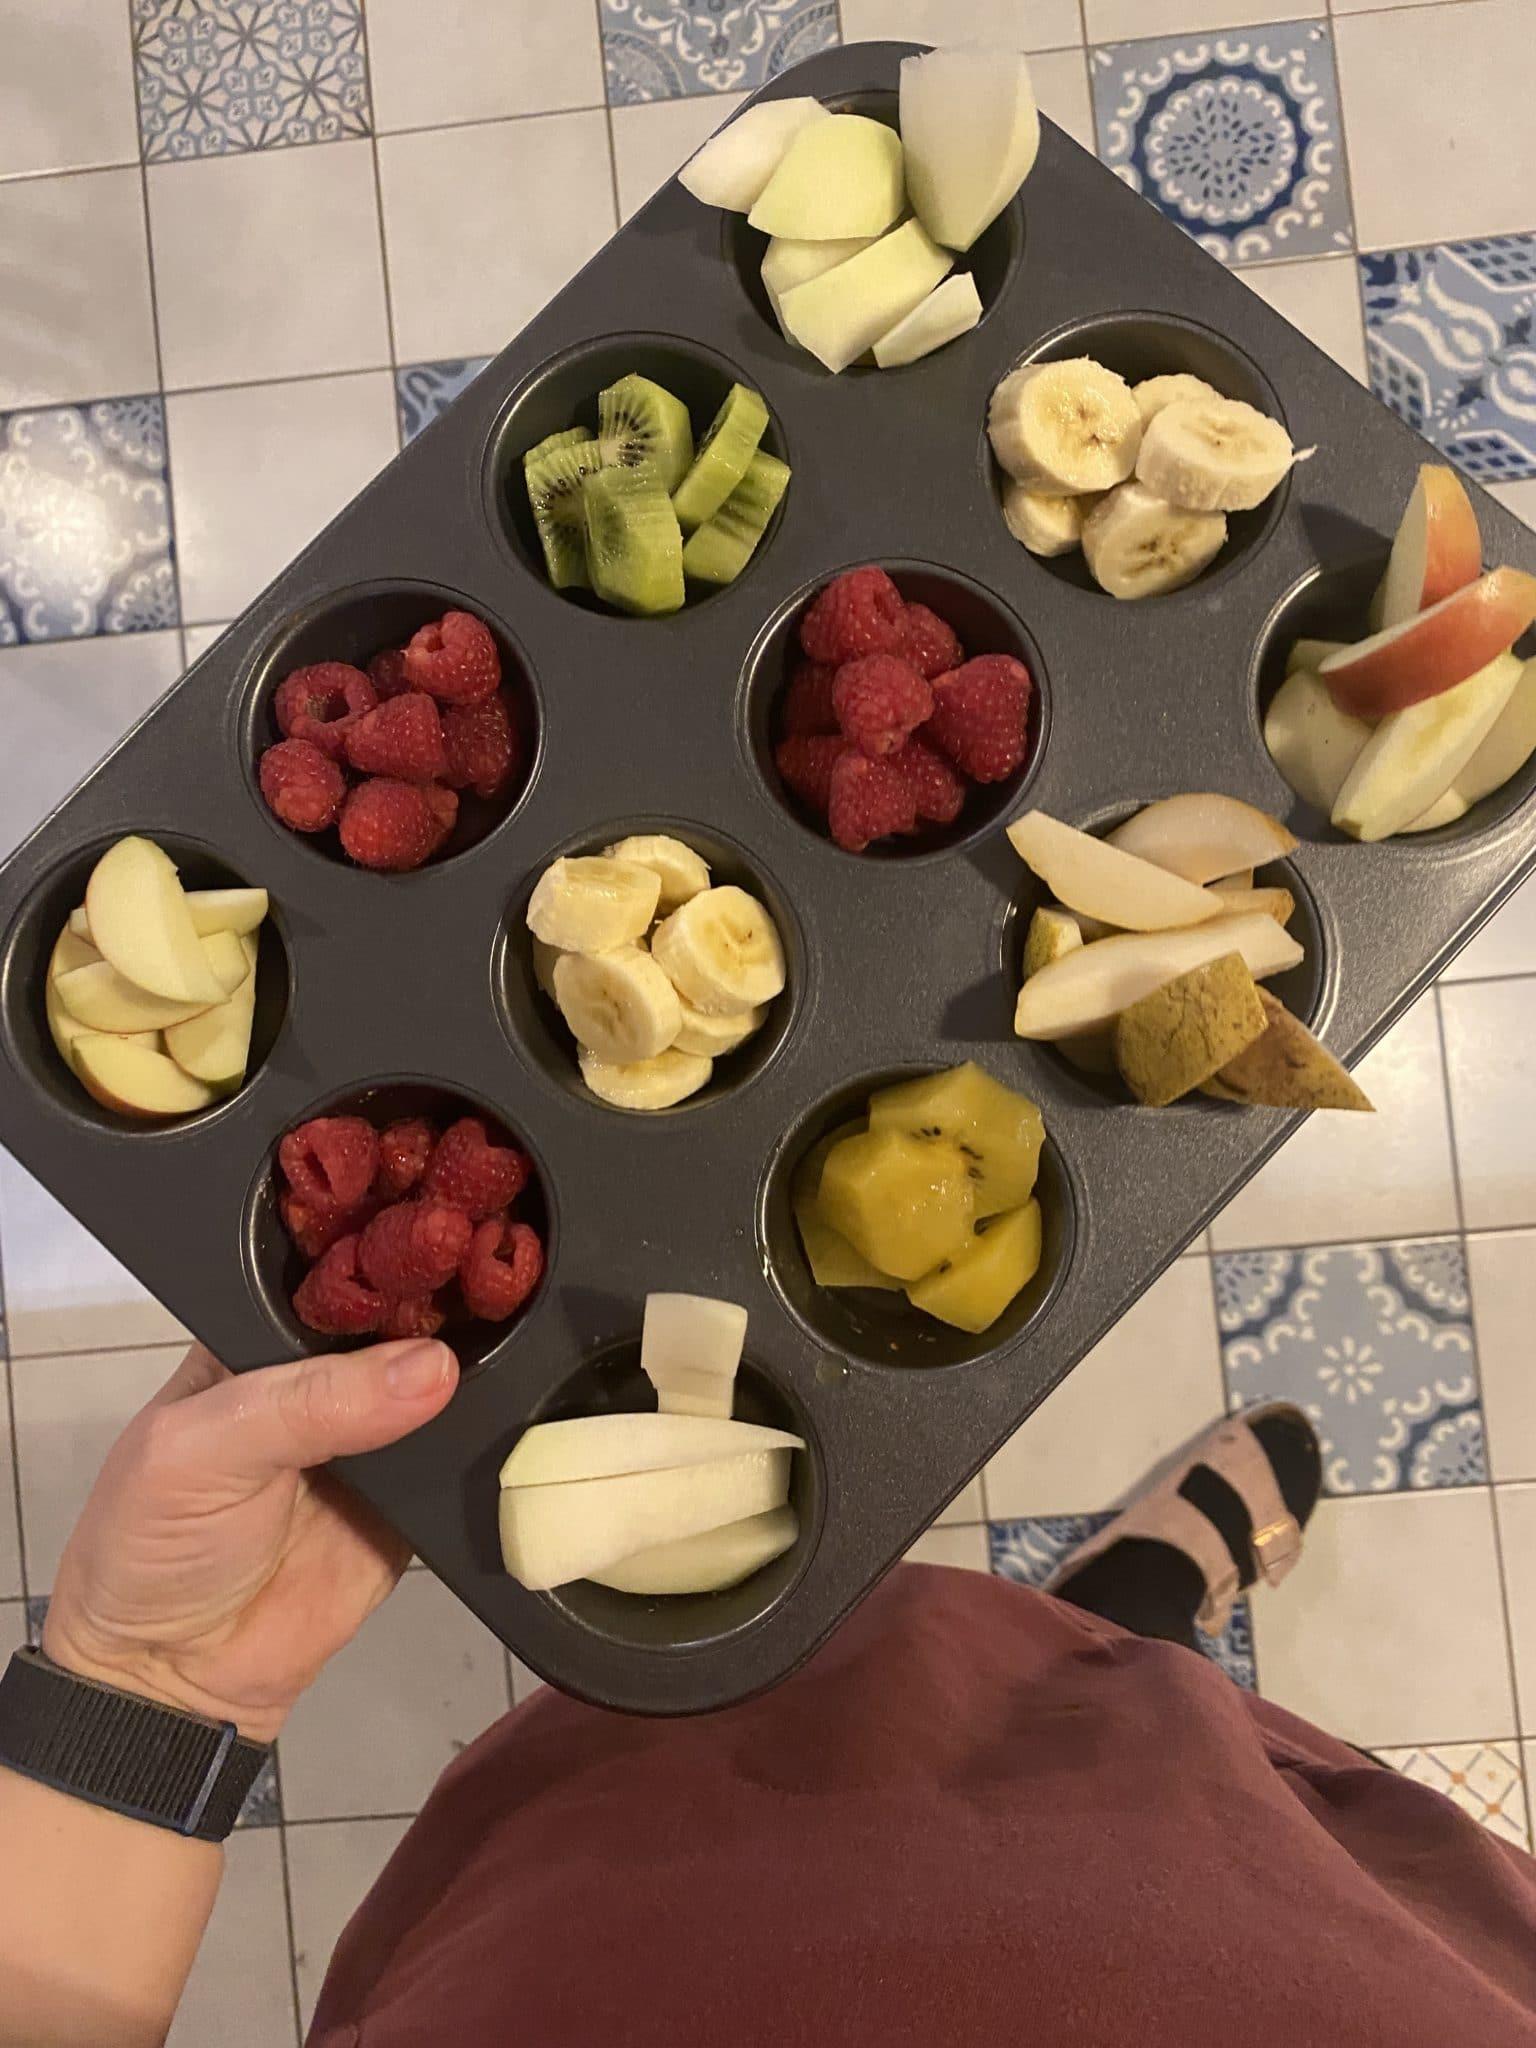 und zum Nachtisch Obstteller mit Obst.